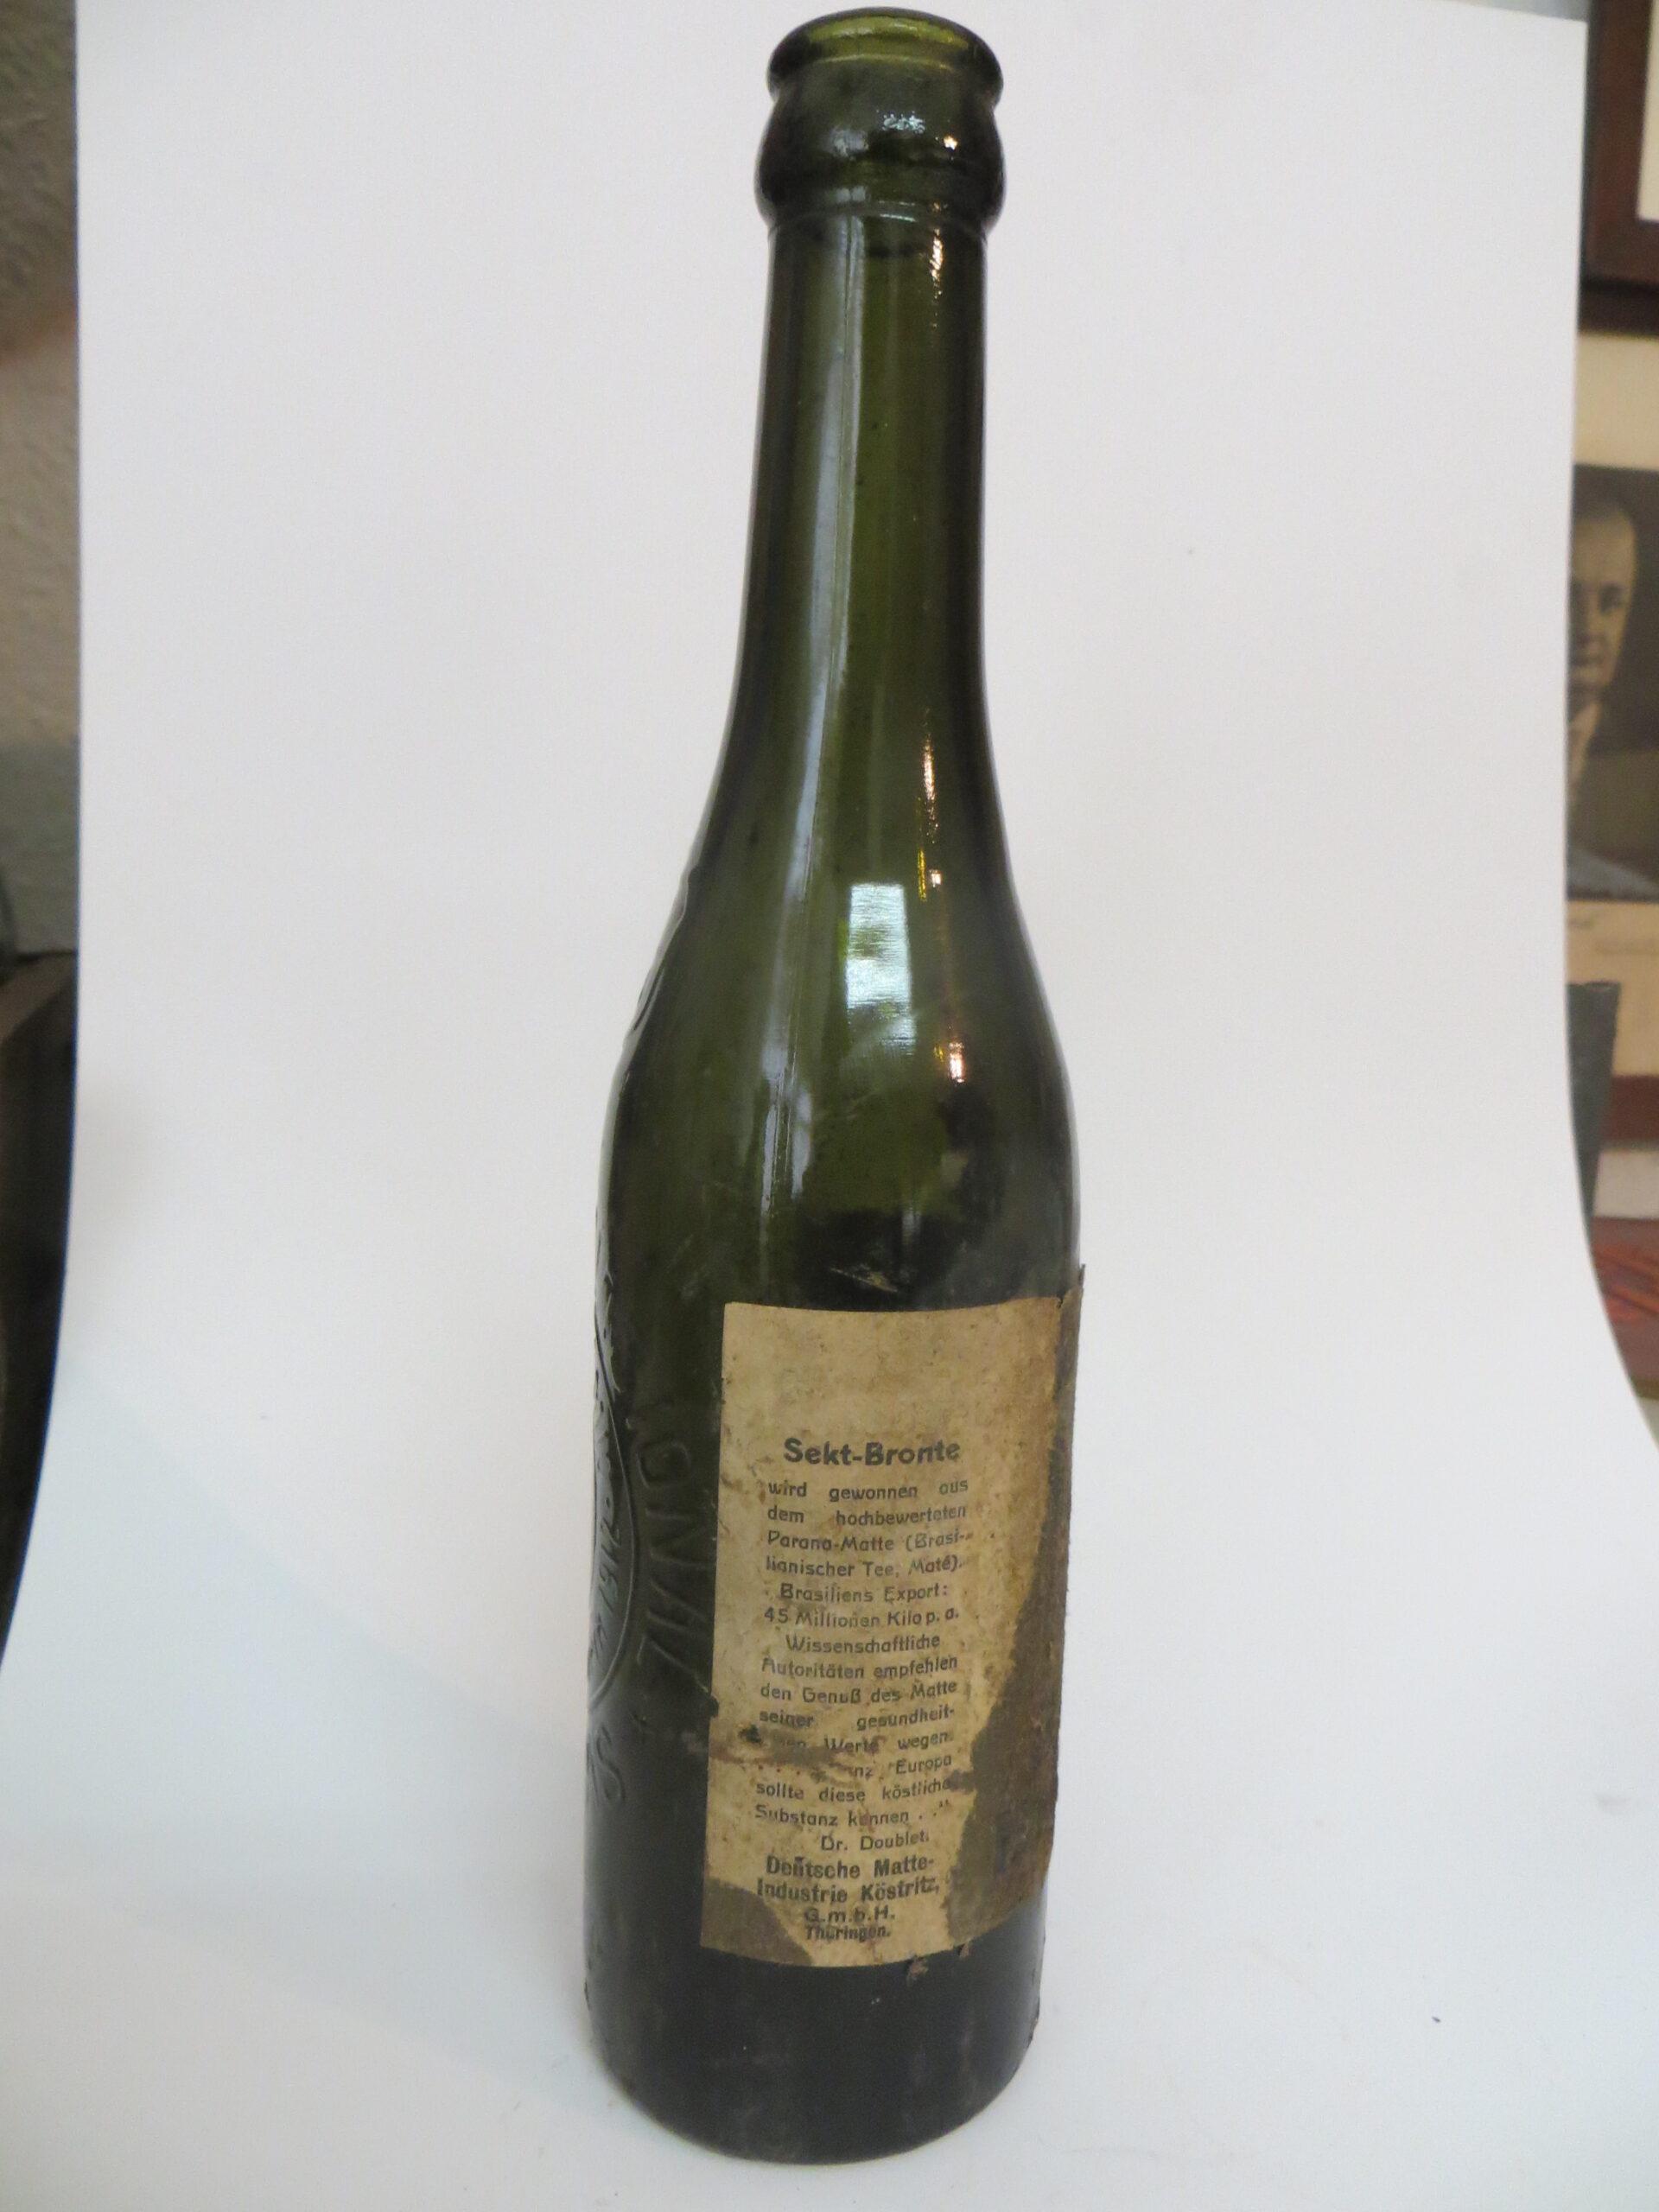 Sekt-Bronte-Flasche